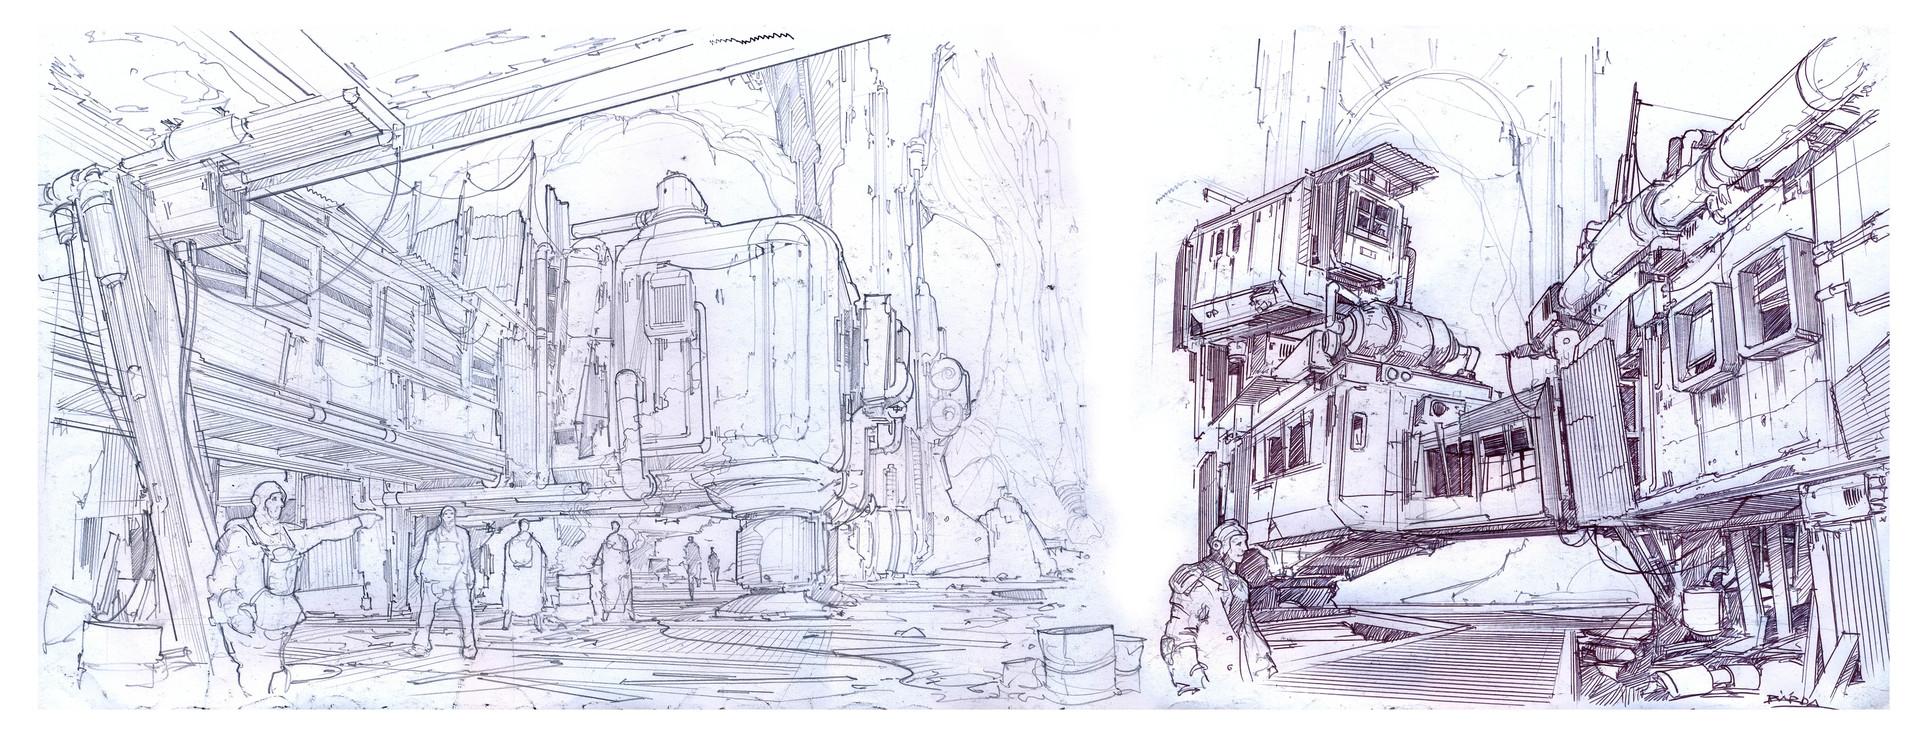 Alejandro burdisio bocetos tek7